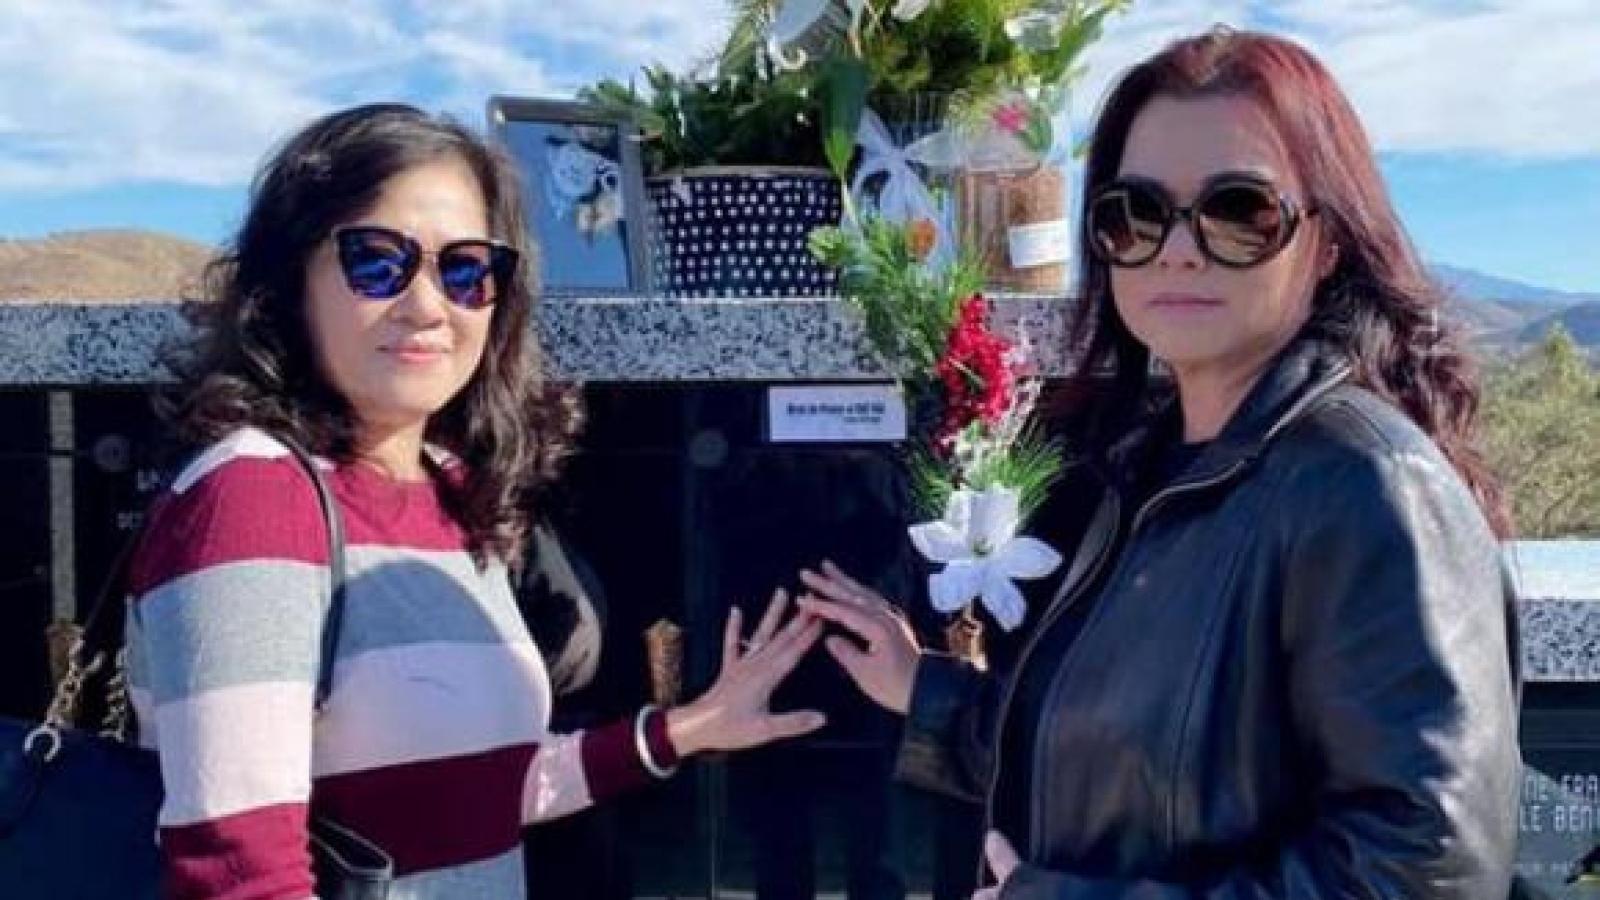 Chuyện showbiz: Vợ nghệ sĩ Chí Tài lặng lẽ thăm nơi an nghỉ của chồng ngày đầu năm